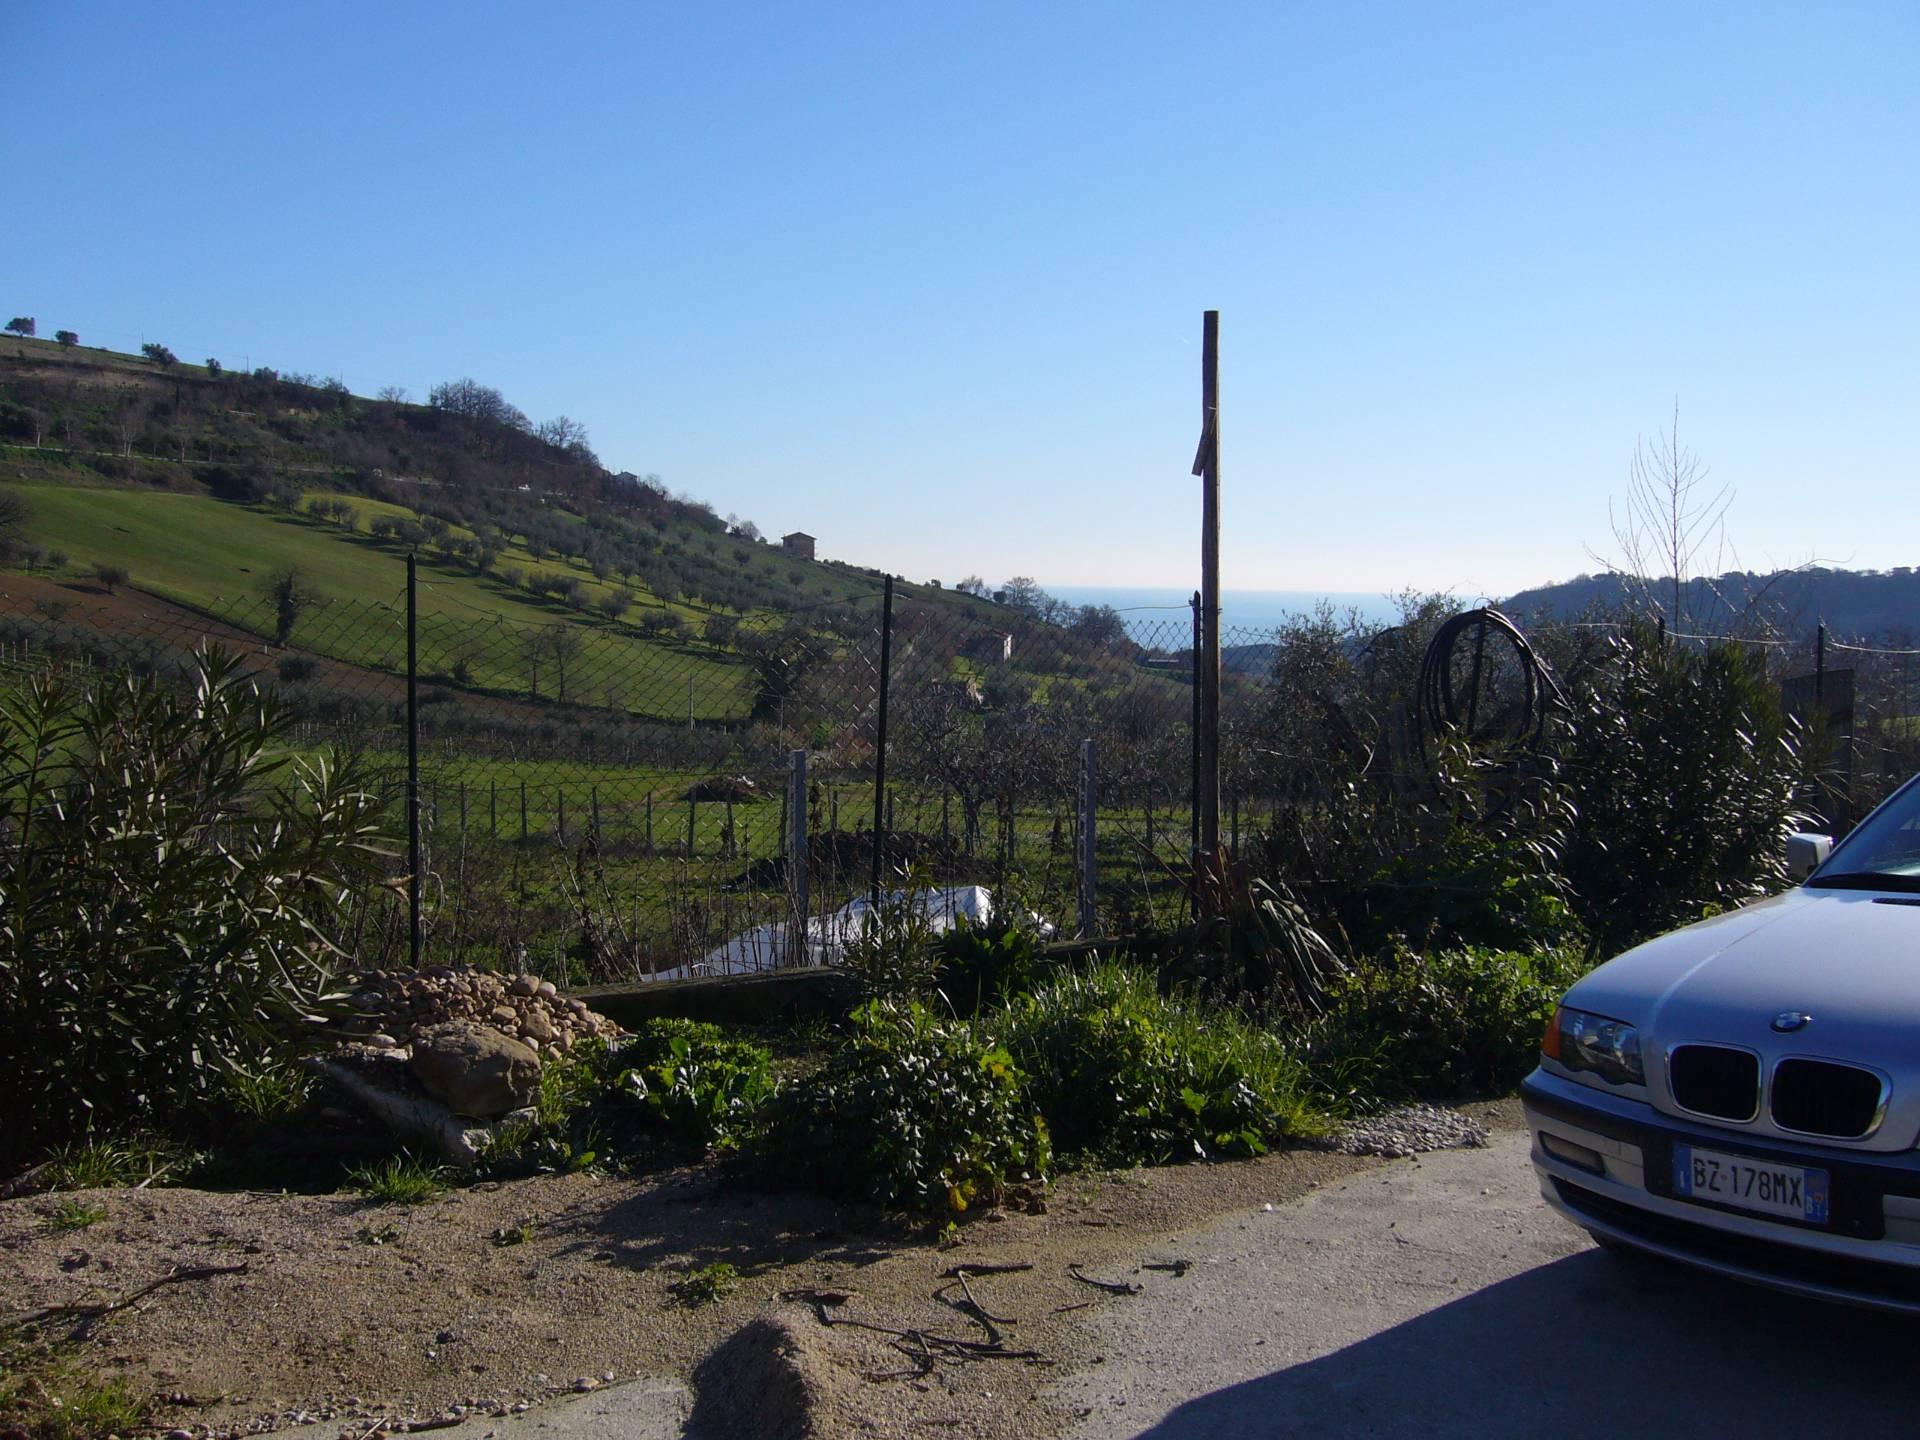 Terreno Edificabile Residenziale in vendita a Colonnella, 9999 locali, zona Località: ContradaGiardino, prezzo € 110.000   CambioCasa.it